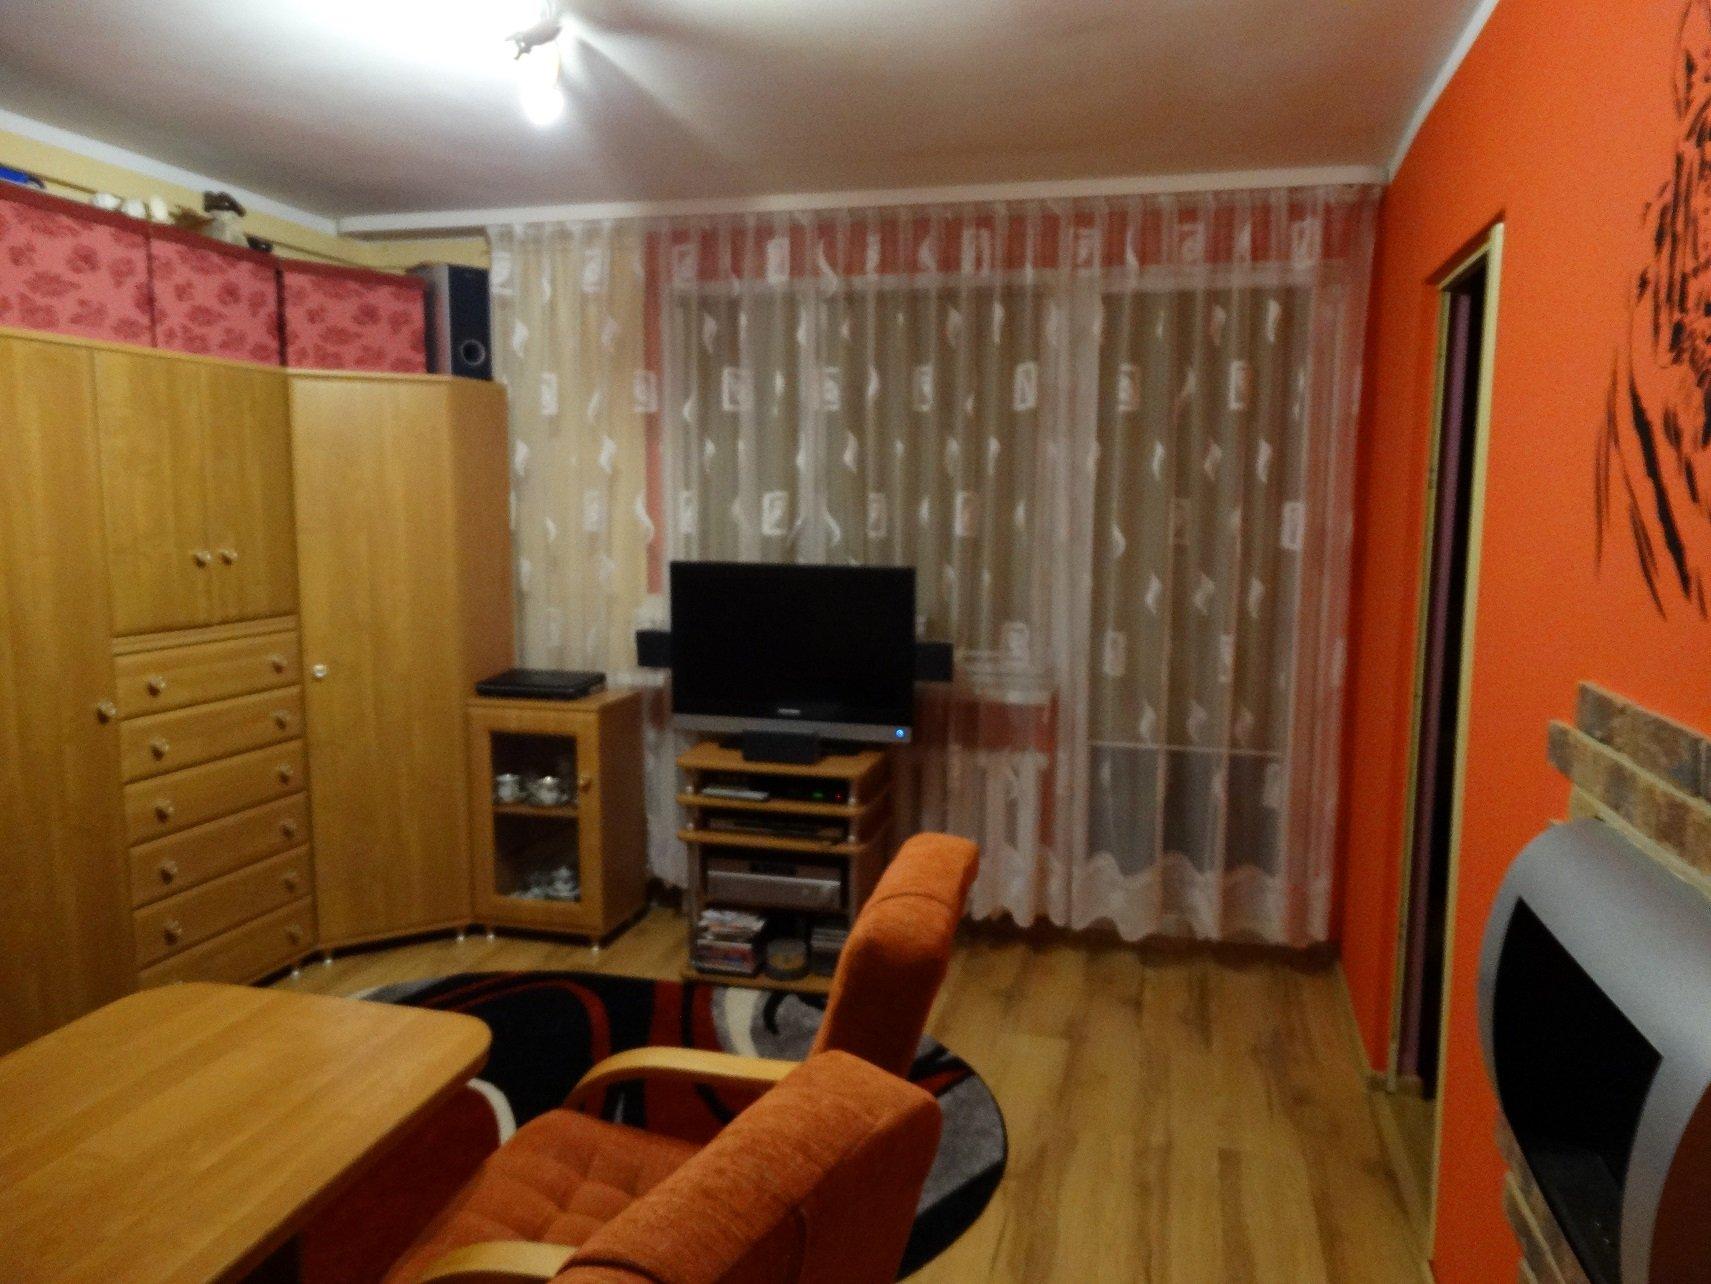 Mieszkanie, 38 m2, Opole - Malinka